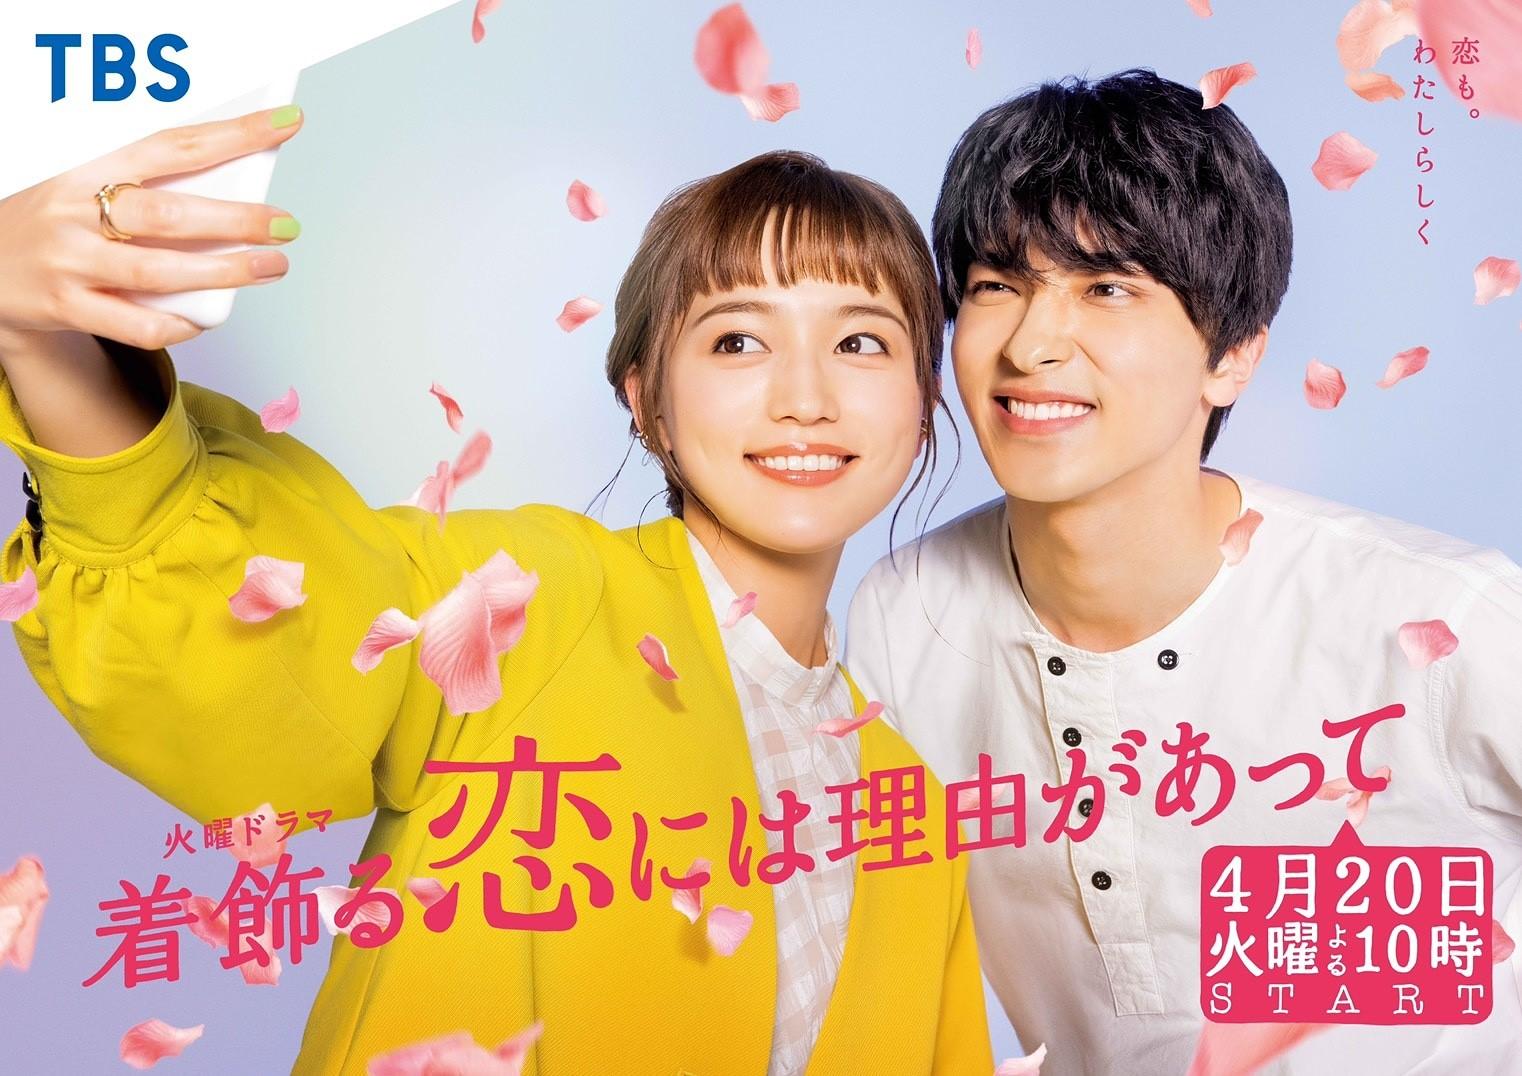 川口春奈と横浜流星の共演